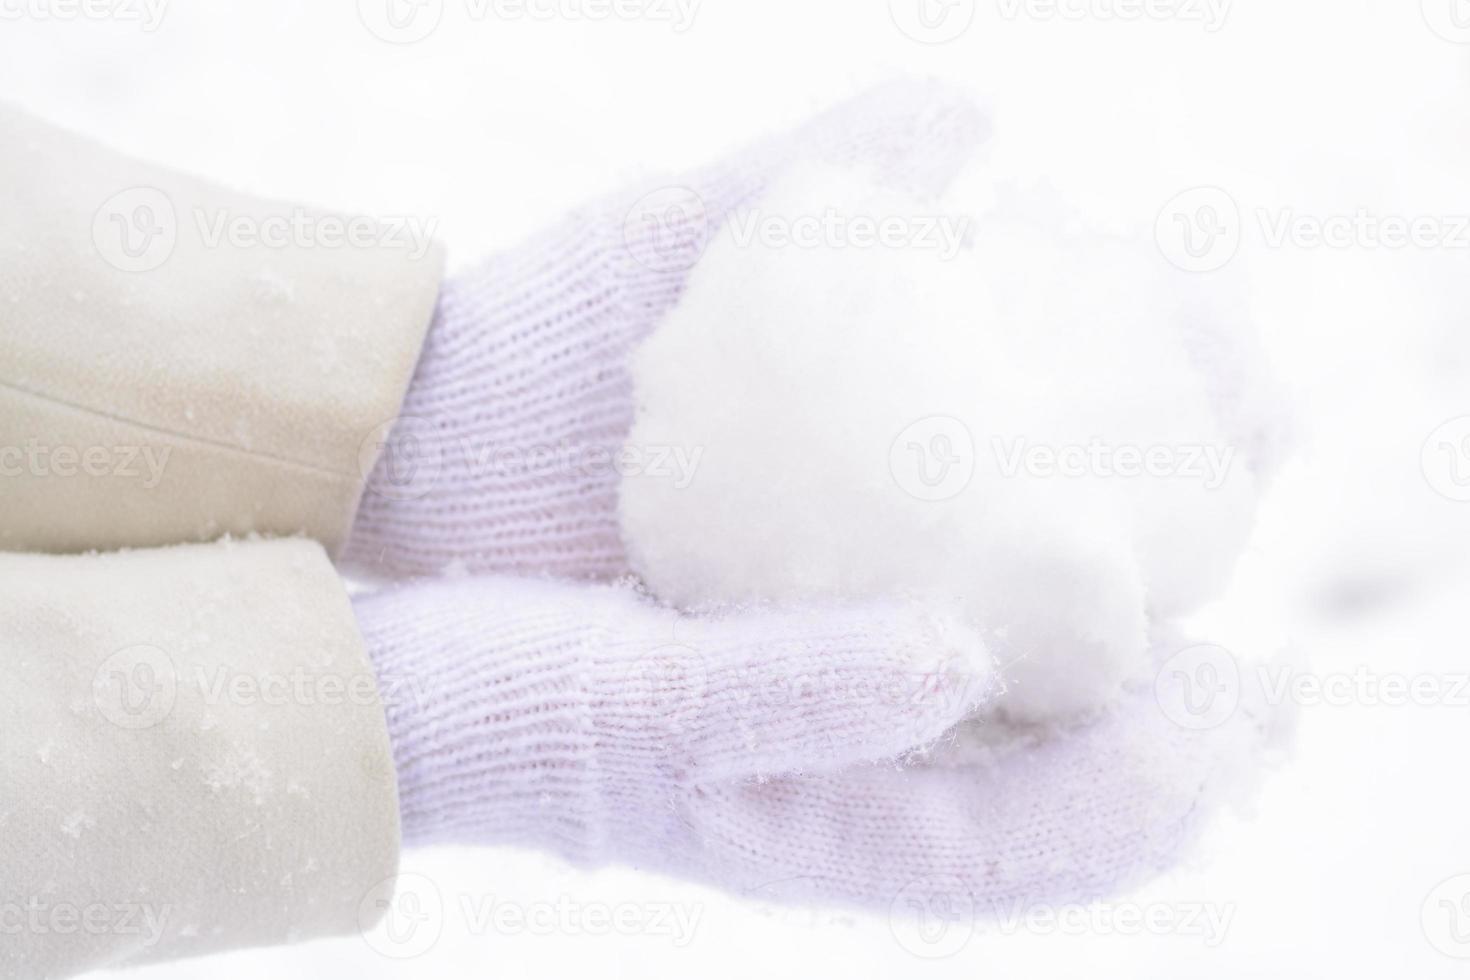 Handschuhe und Schnee abgeben foto